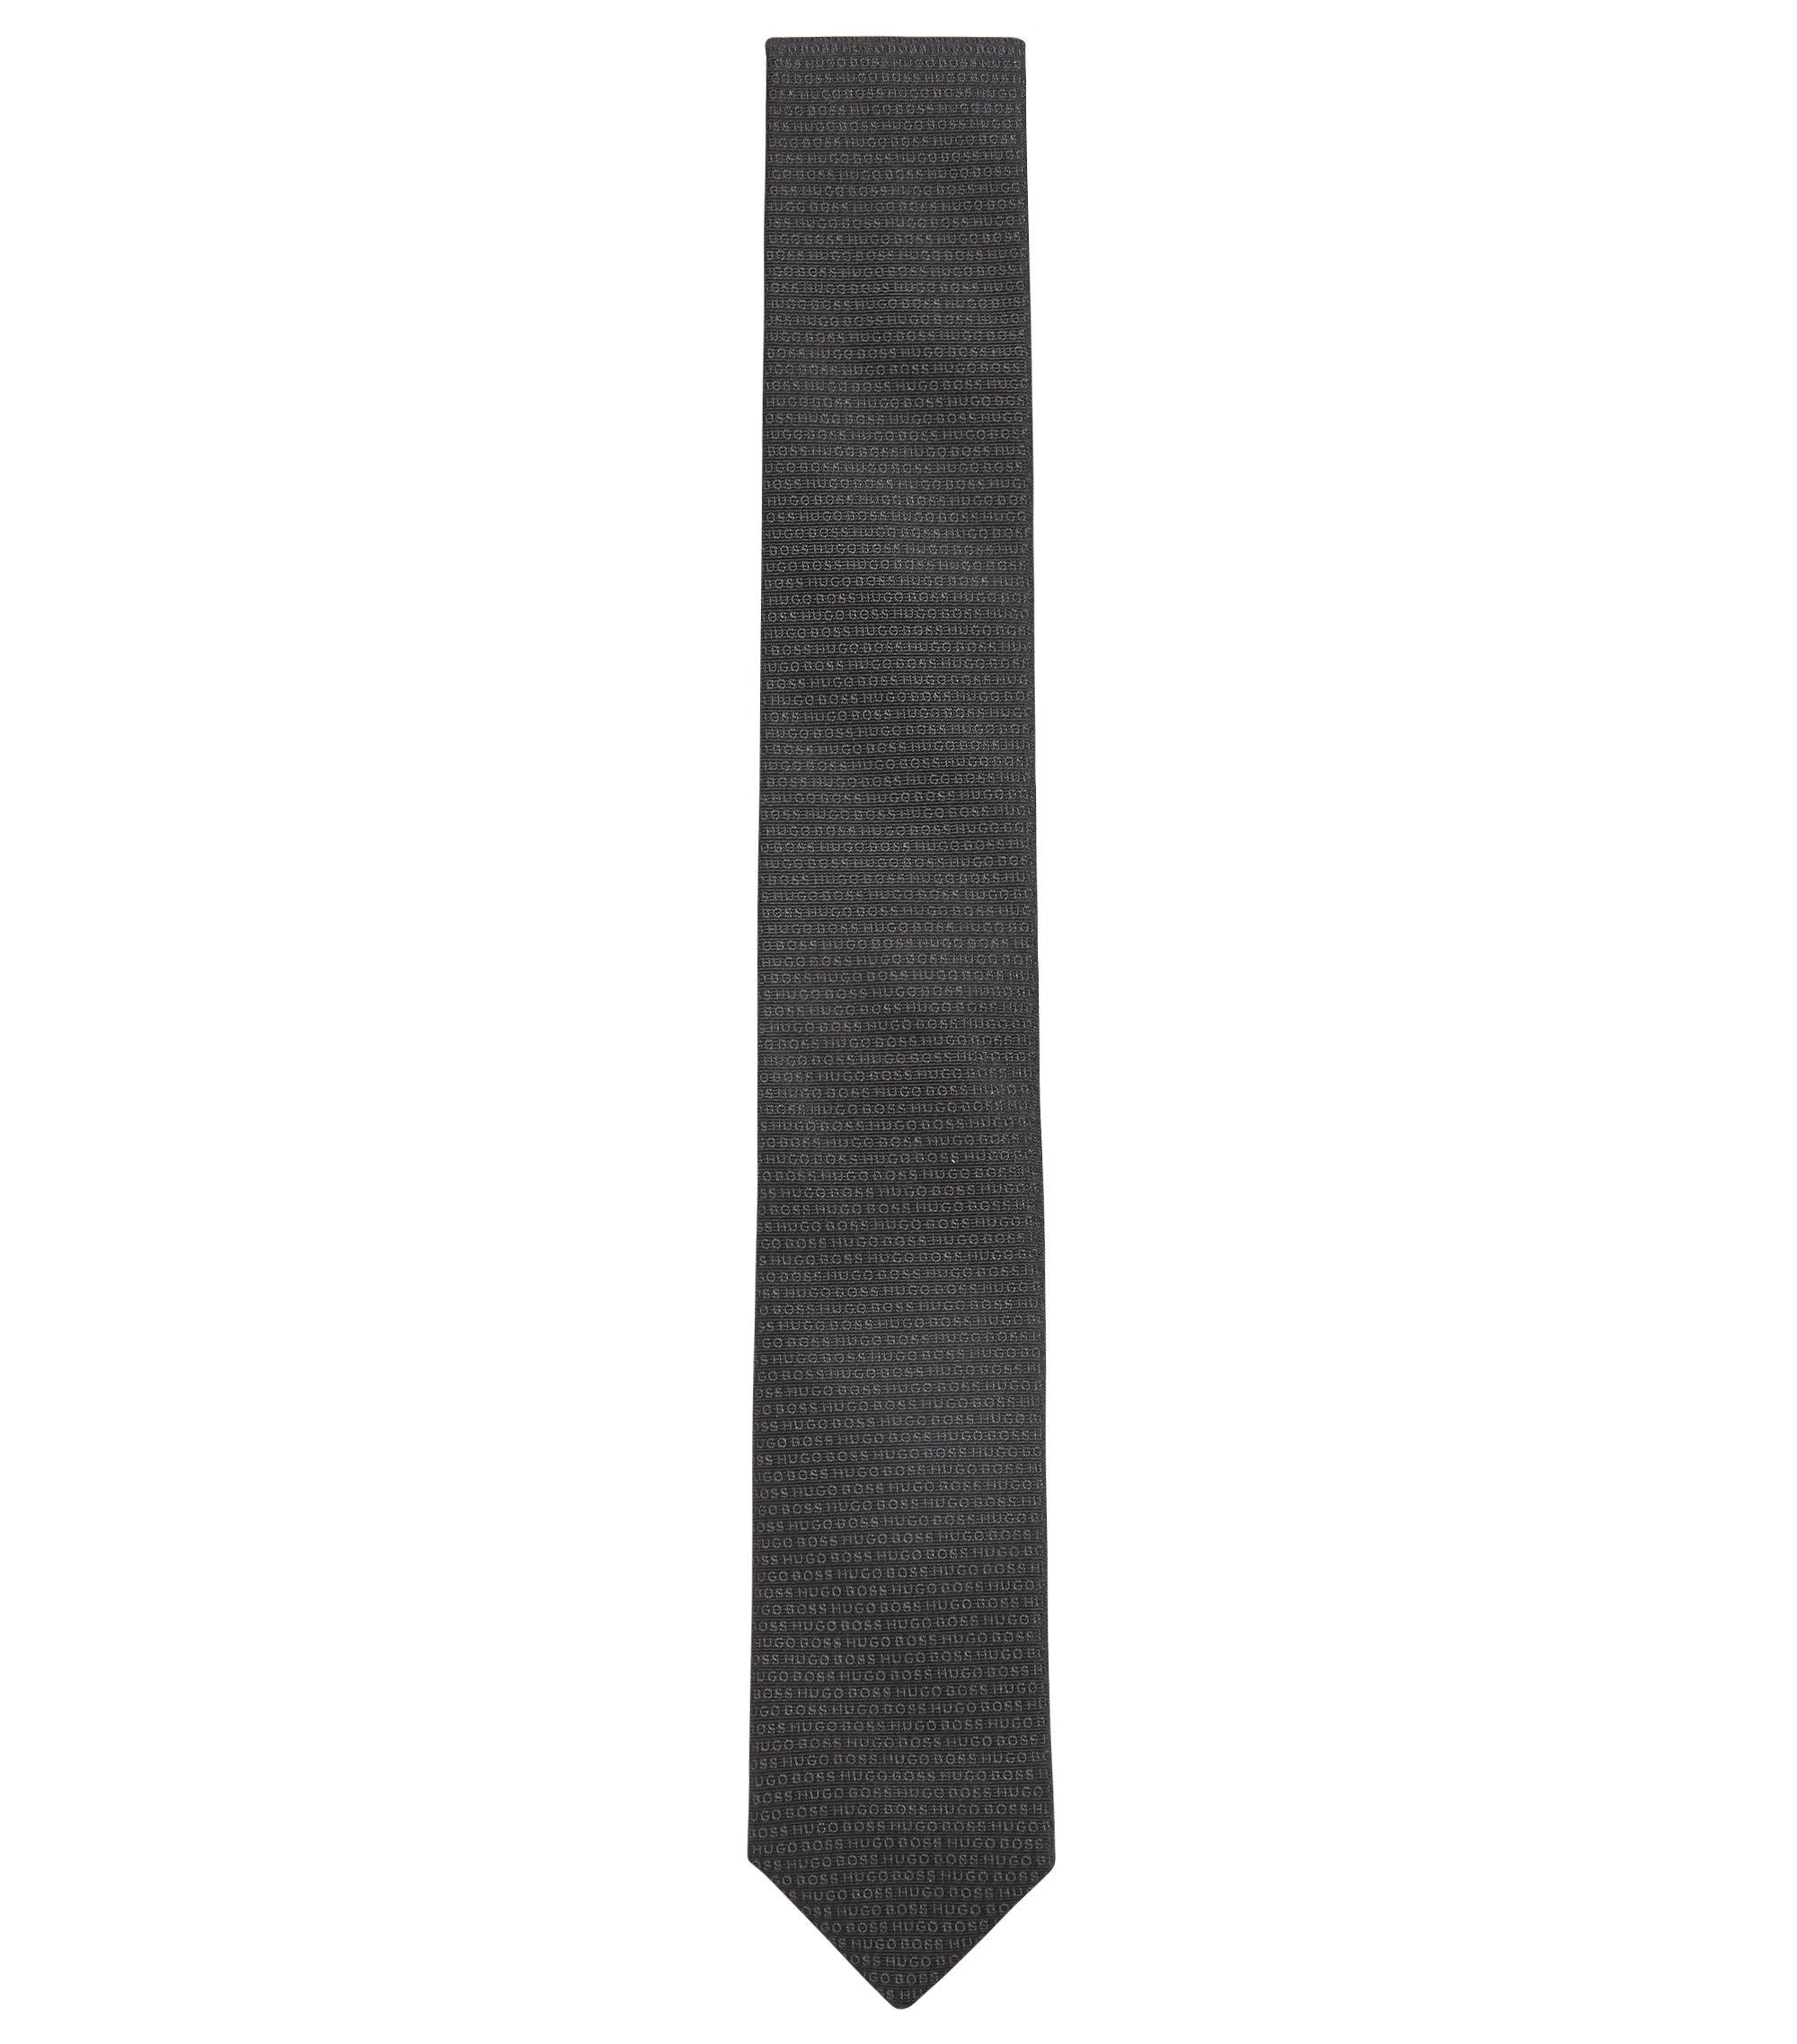 Corbata de seda confeccionada en Italia con logo de jacquard, Negro